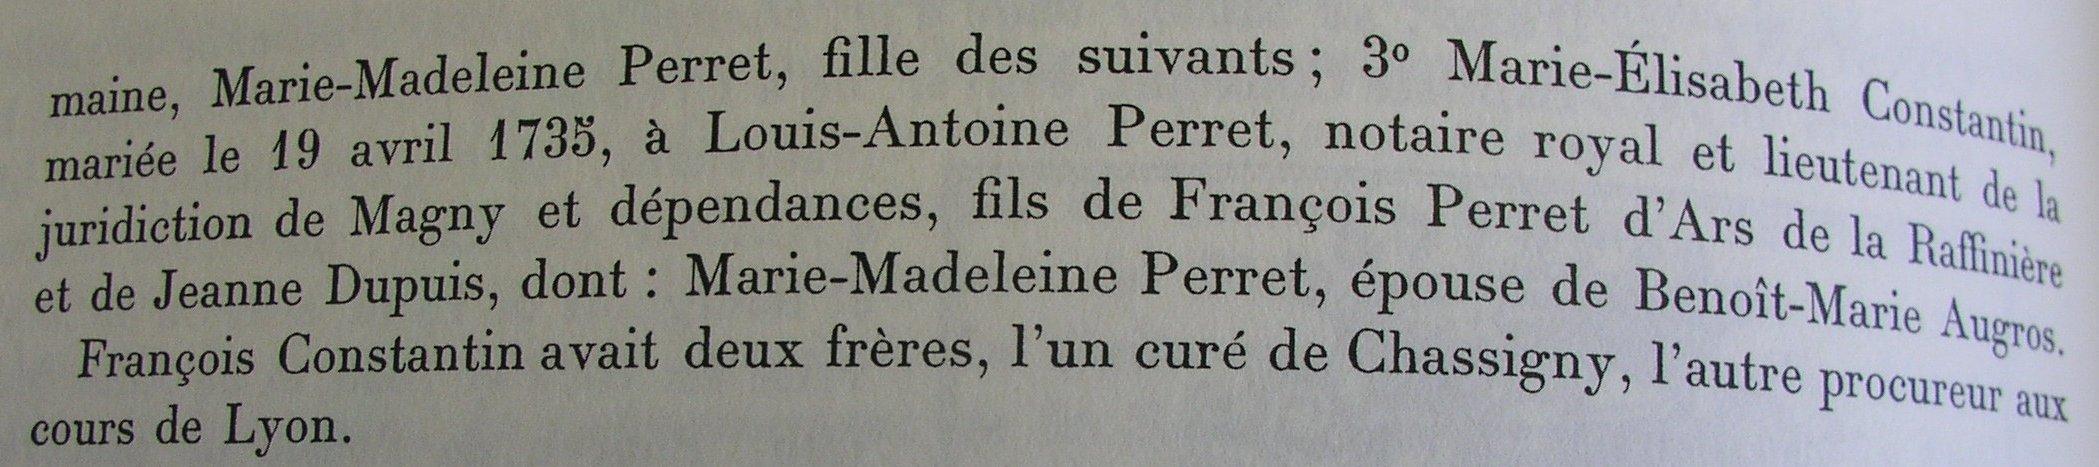 Ex-libris de François Constantin, bourgeois de St-Germain-la-Montagne, suite